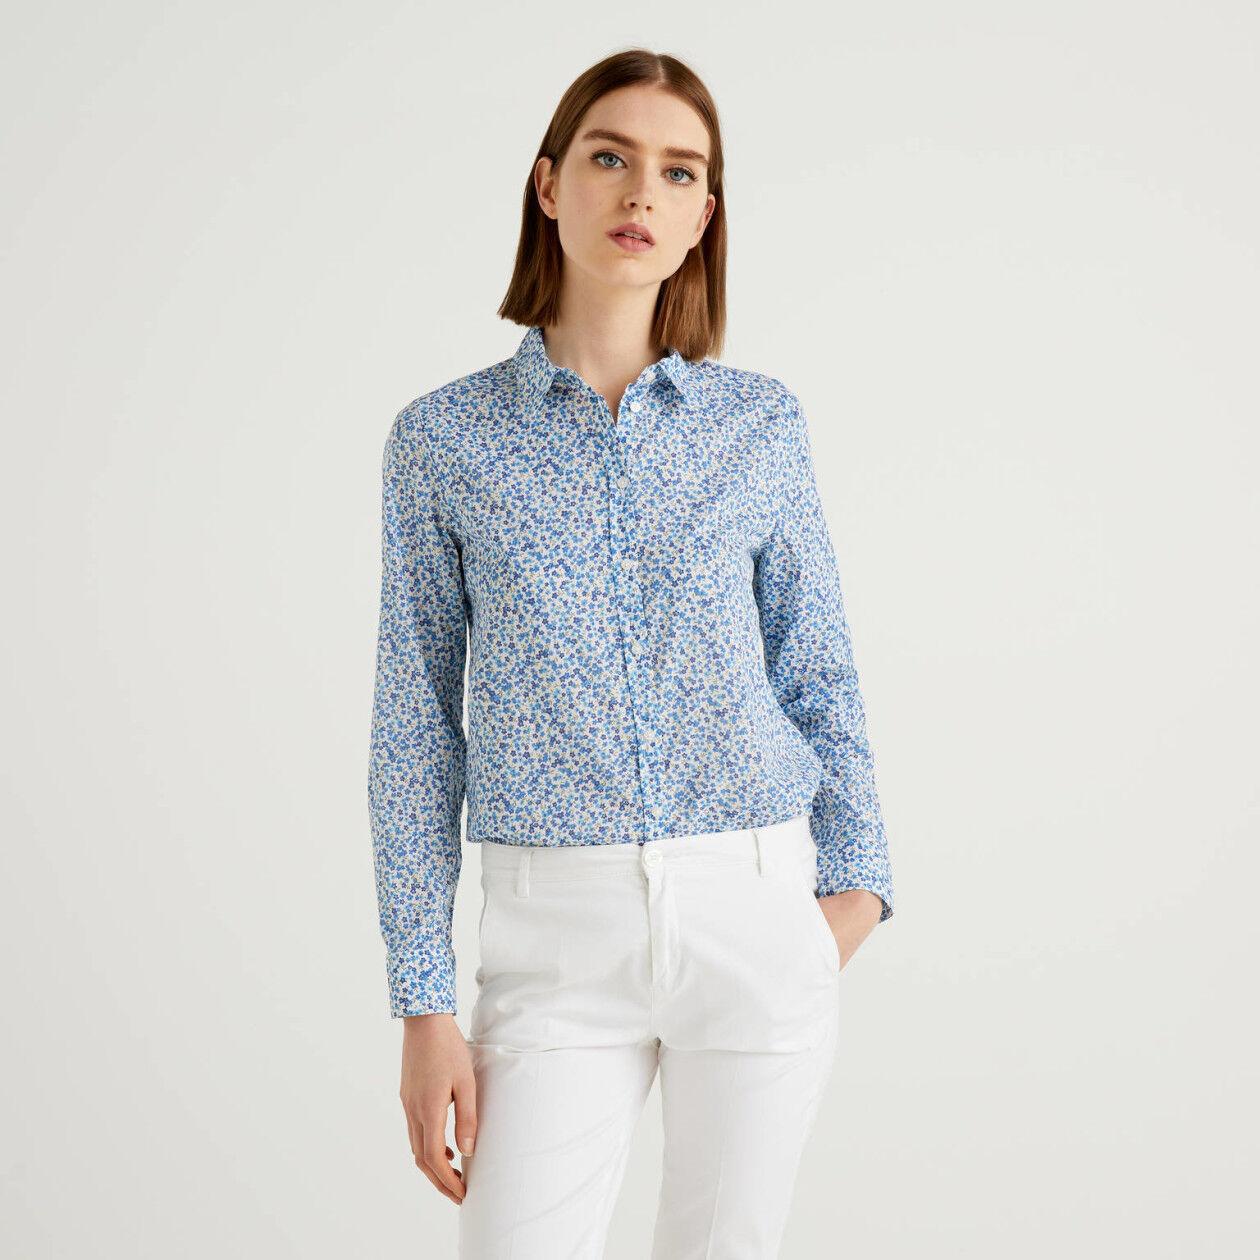 Camisa con estampado floral azul de 100 % algodón